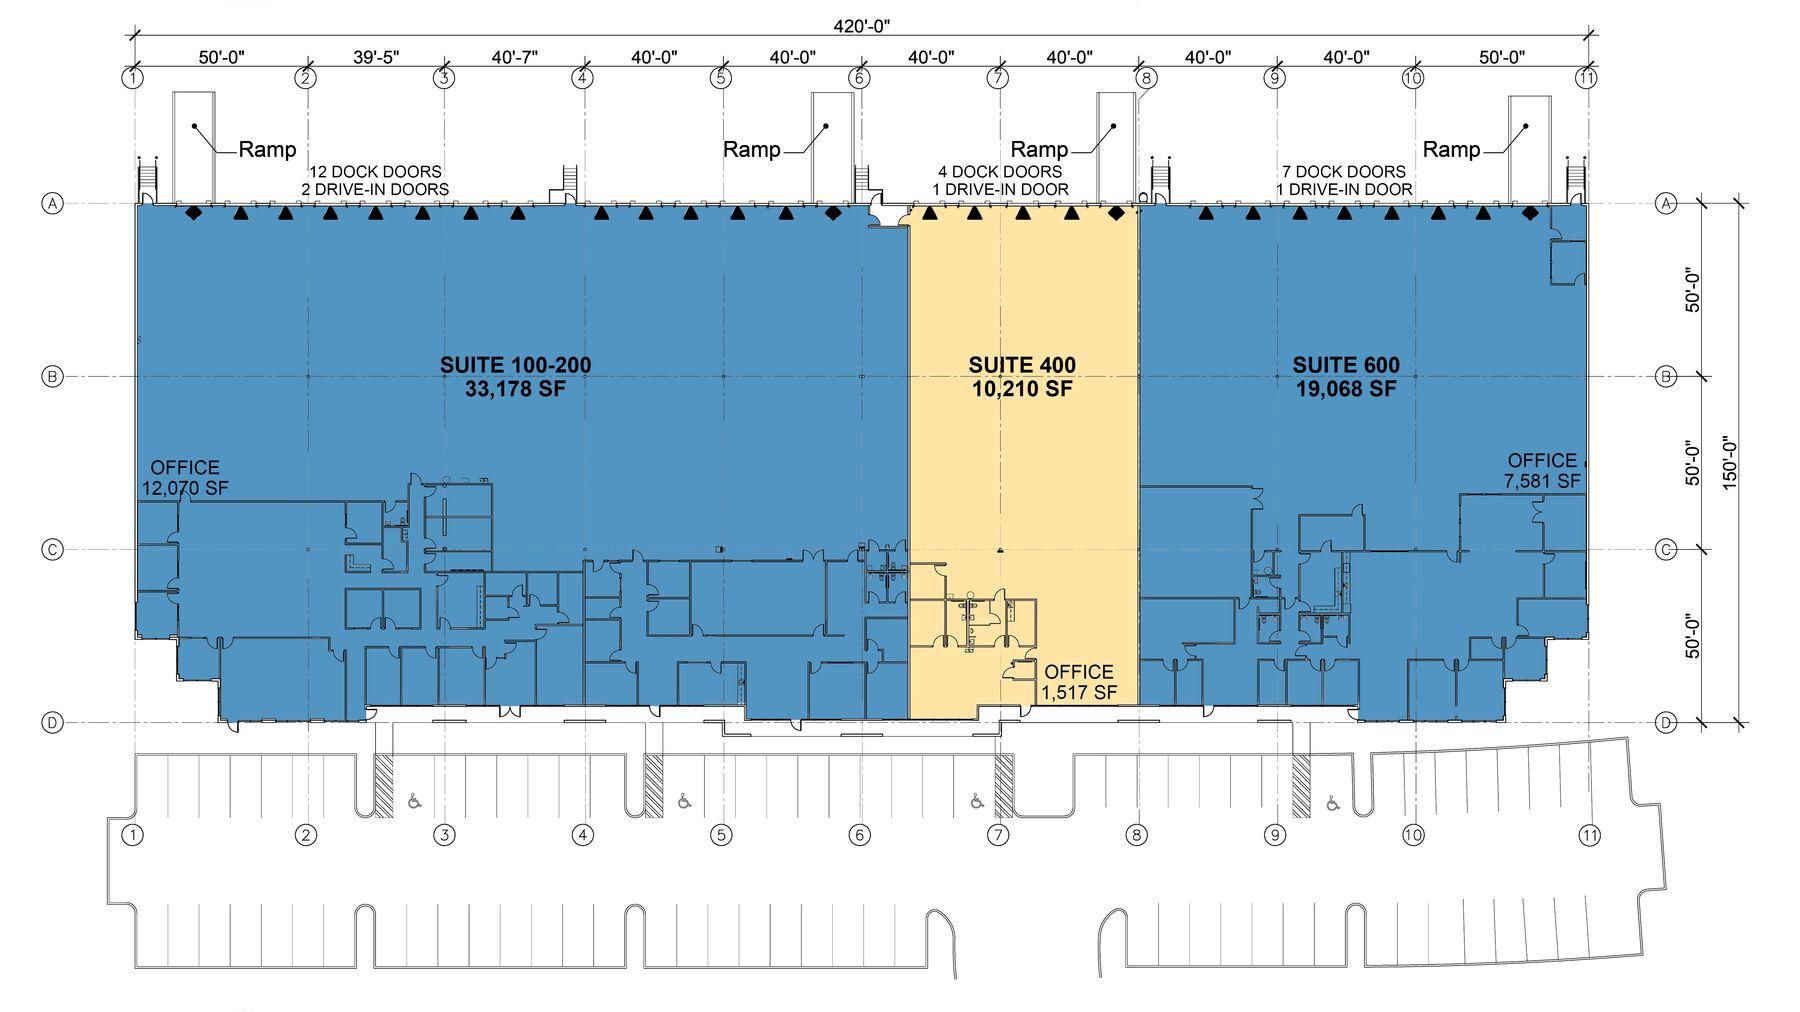 DPM-Prologis-Airport-DC_2544-E-Landstreet-Rd_Flyer-Plan.jpg